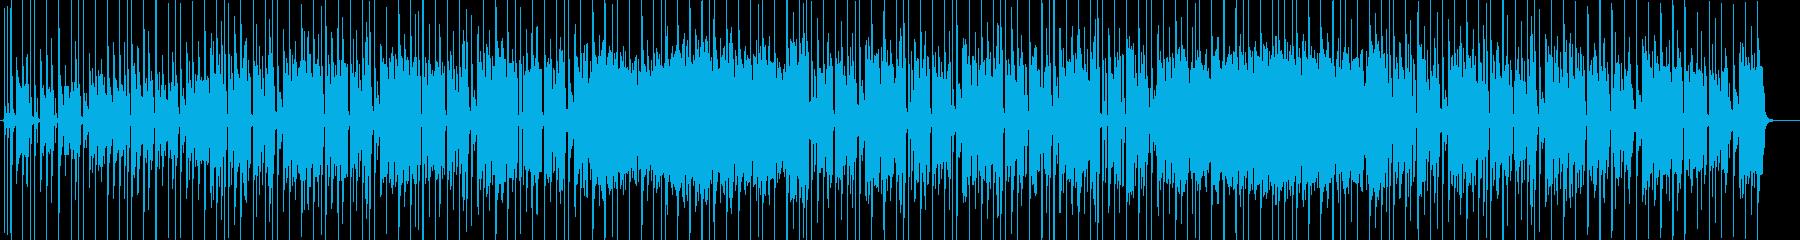 わくわく楽しい キュートなファンクポップの再生済みの波形